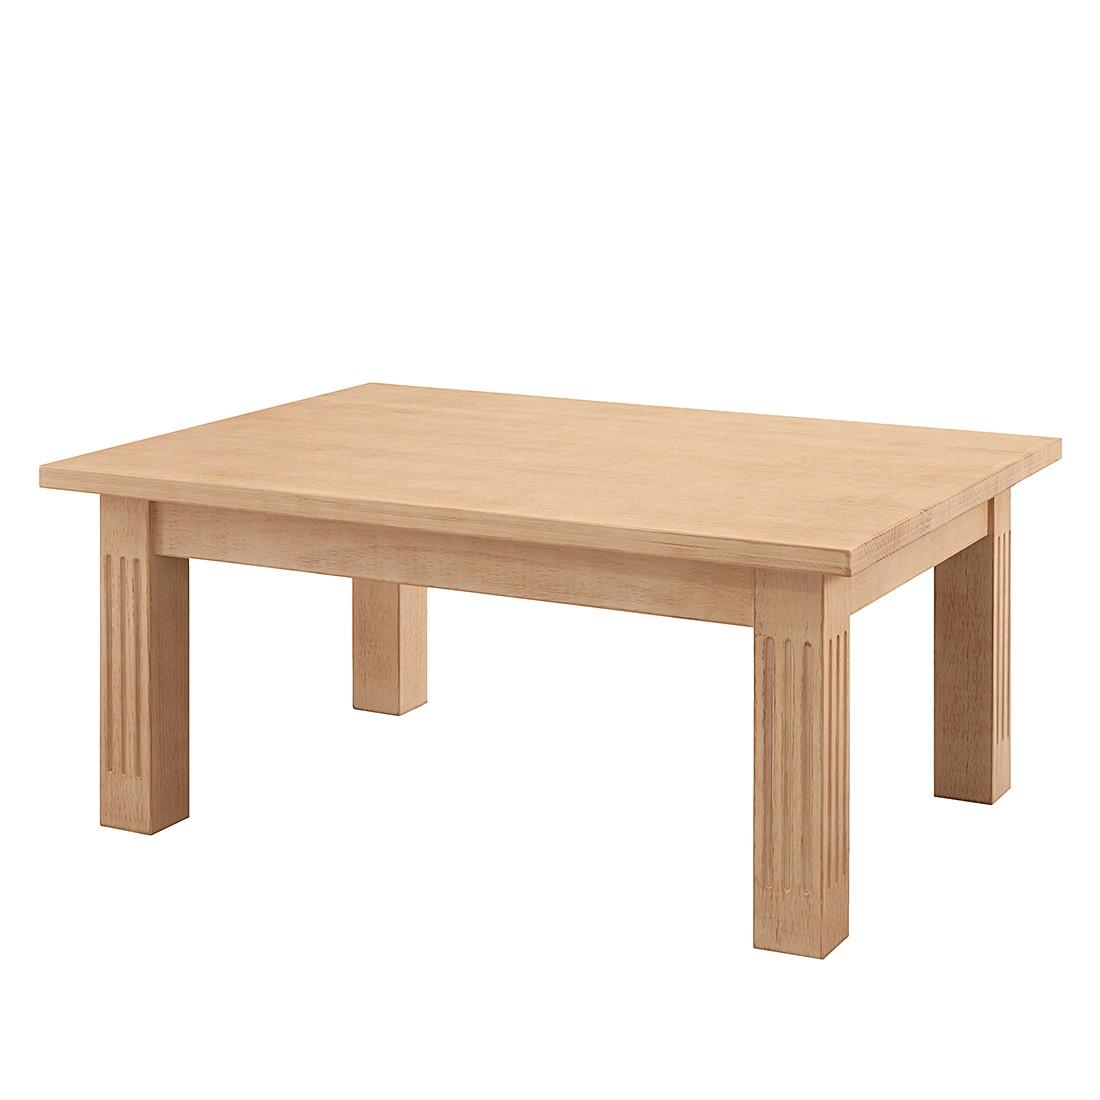 Tavolino da salotto Breddin I - Legno massello di pino, Ars Natura